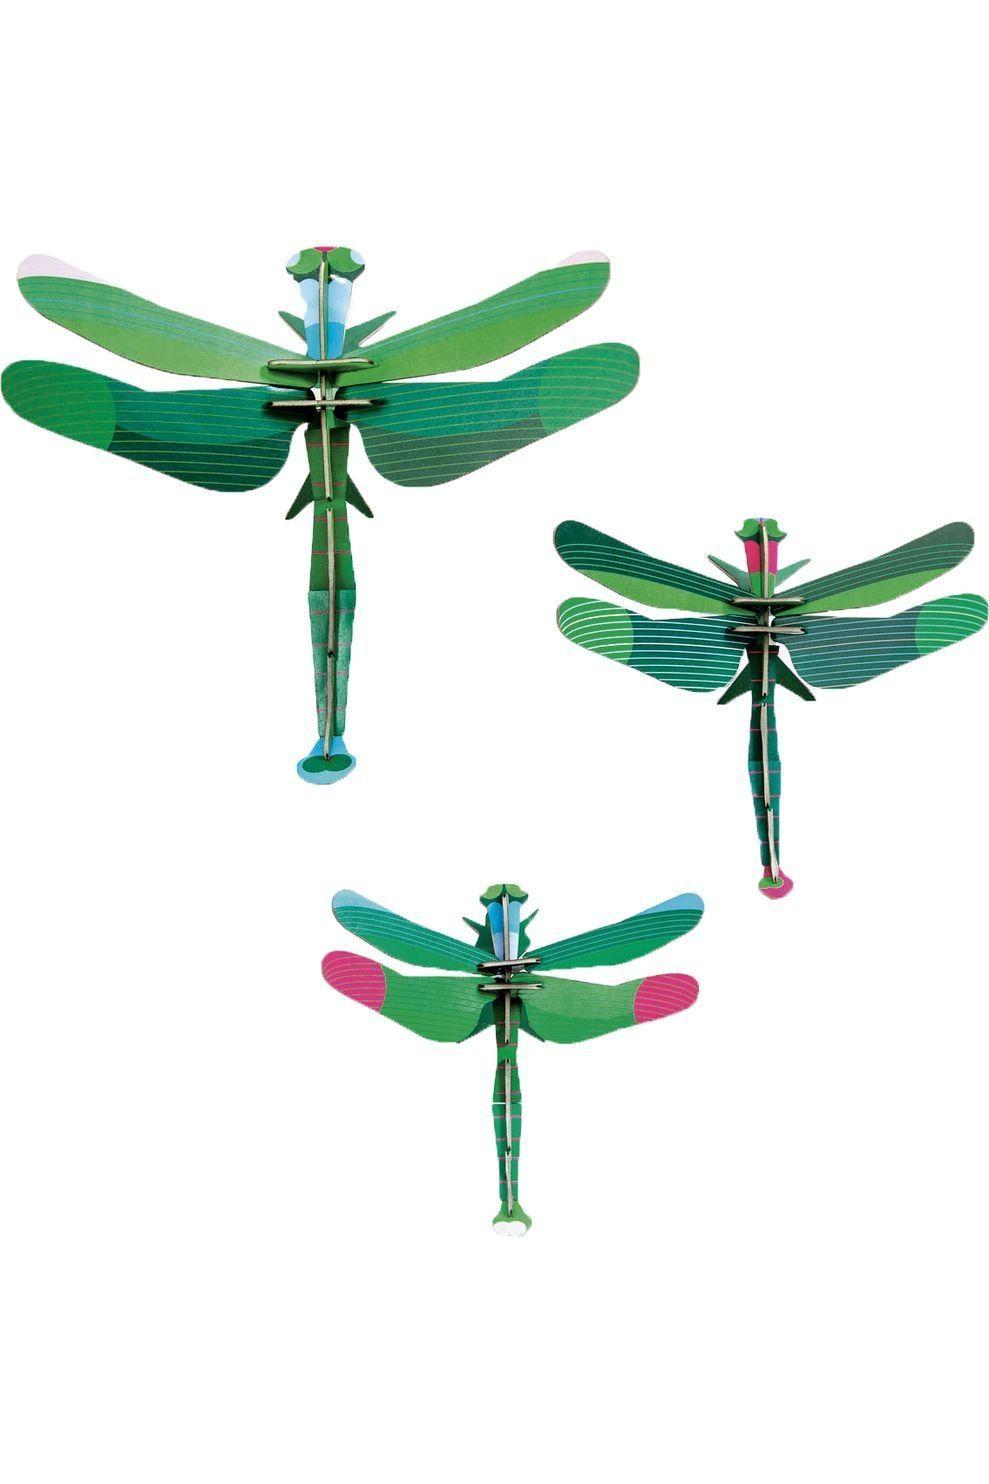 Studio ROOF Dragonflies, set of 3 - Groen